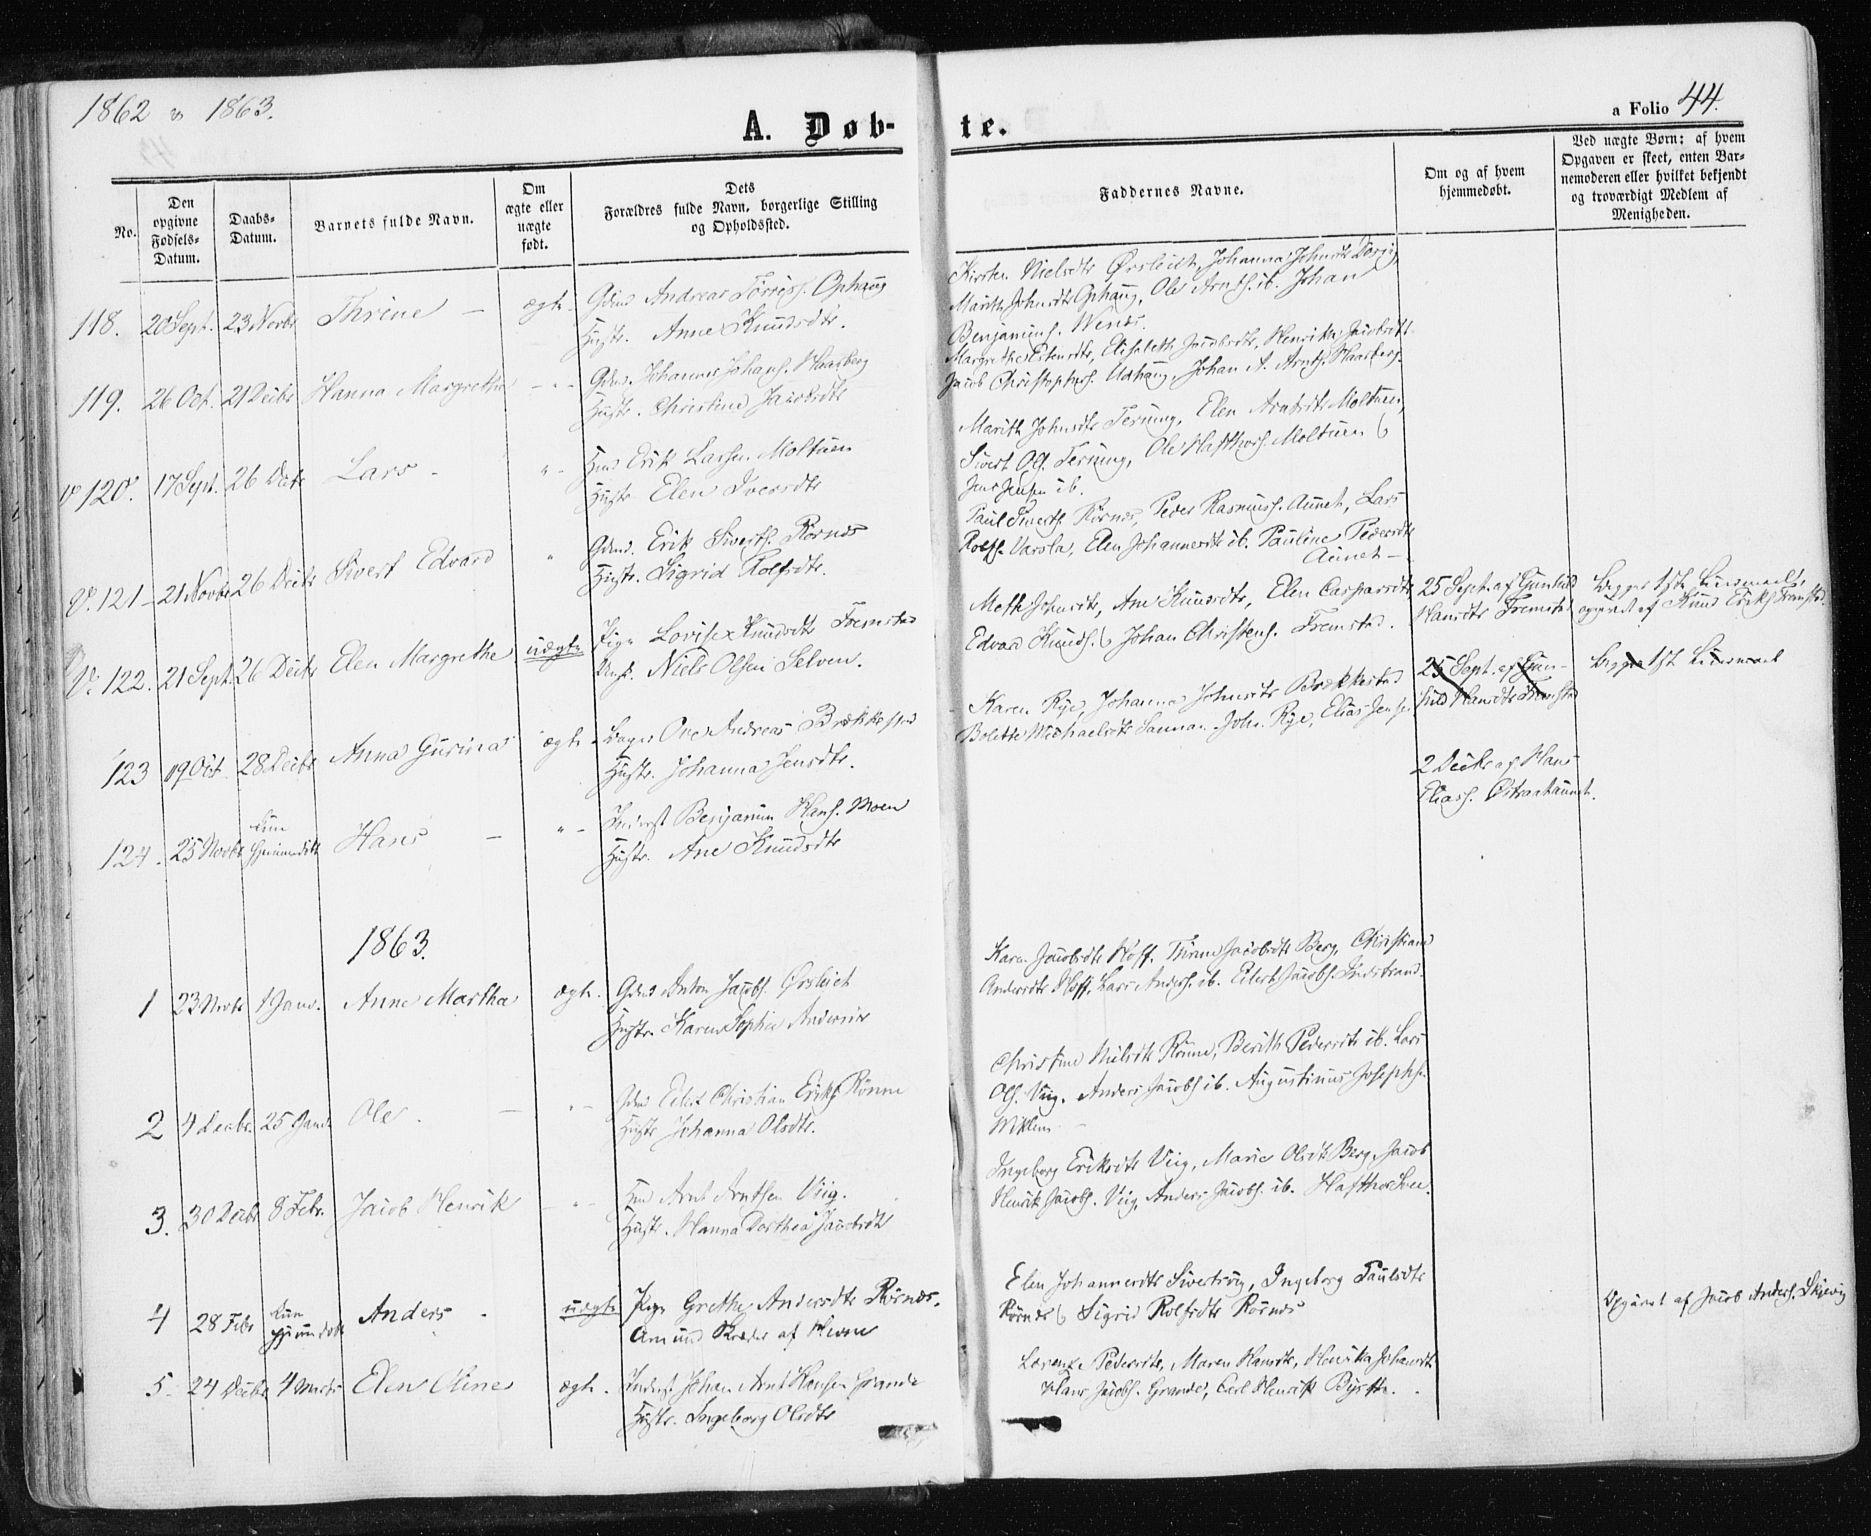 SAT, Ministerialprotokoller, klokkerbøker og fødselsregistre - Sør-Trøndelag, 659/L0737: Ministerialbok nr. 659A07, 1857-1875, s. 44